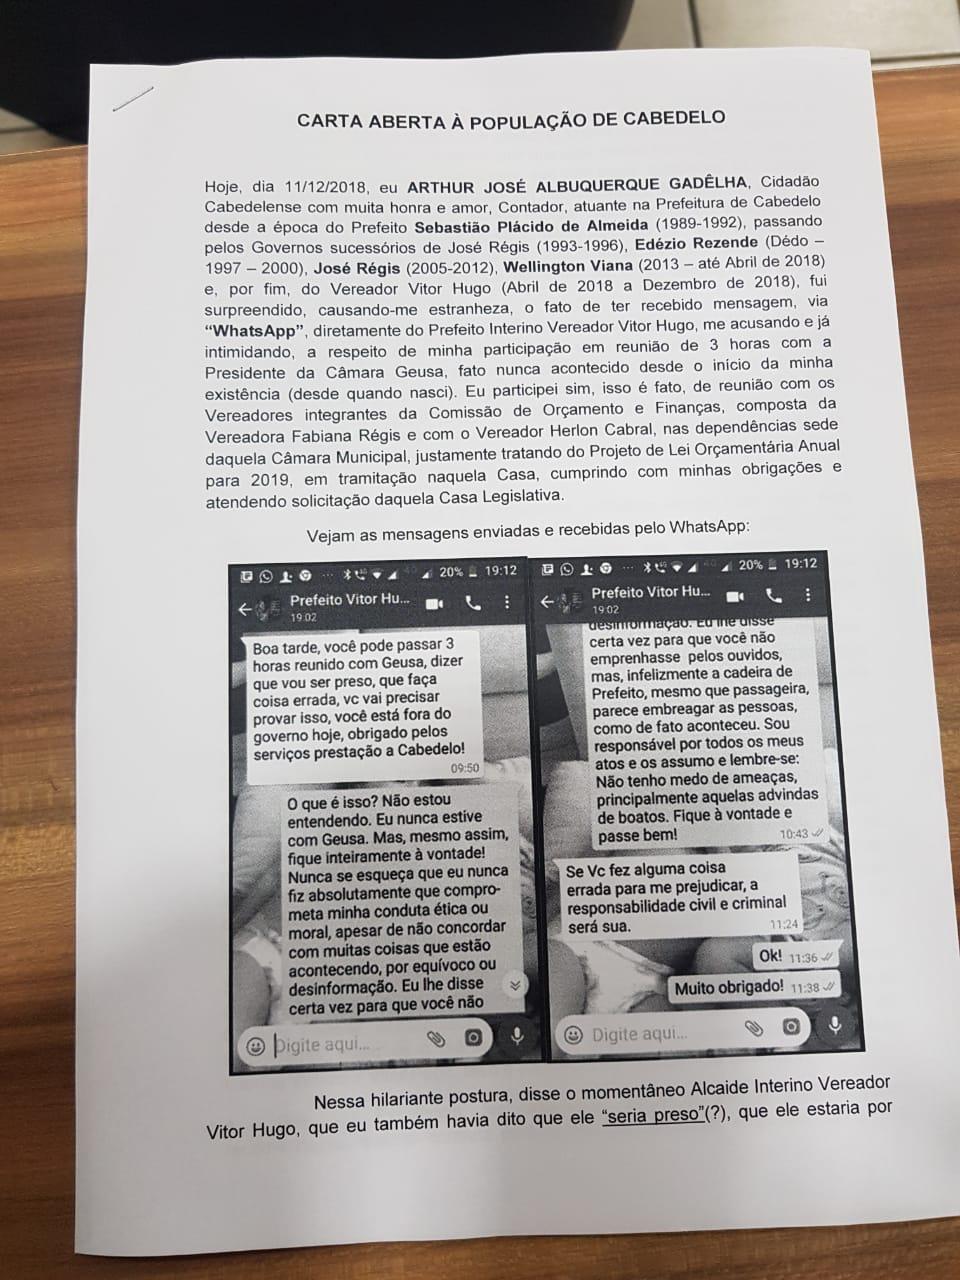 WhatsApp Image 2018 12 11 at 21.28.38 - 'Inconsequente, inoportuno e irresponsável gestor': contador da prefeitura de Cabedelo denuncia ação de intimidação tomada por Vitor Hugo